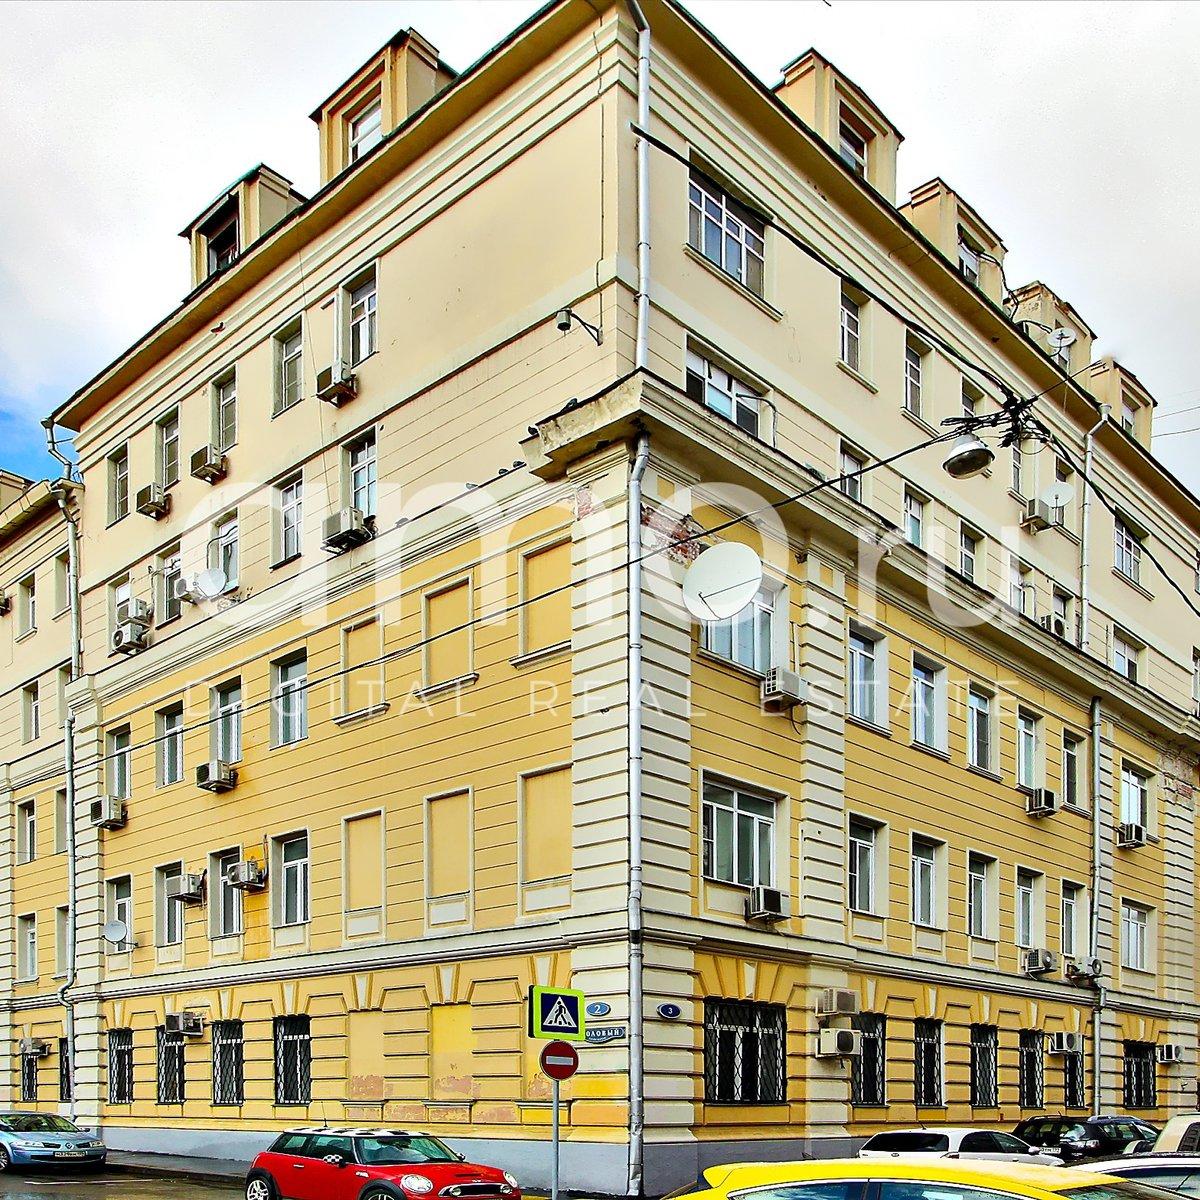 Аренда офиса в Москве от собственника без посредников Мерзляковский переулок пик группа компаний коммерческая недвижимость